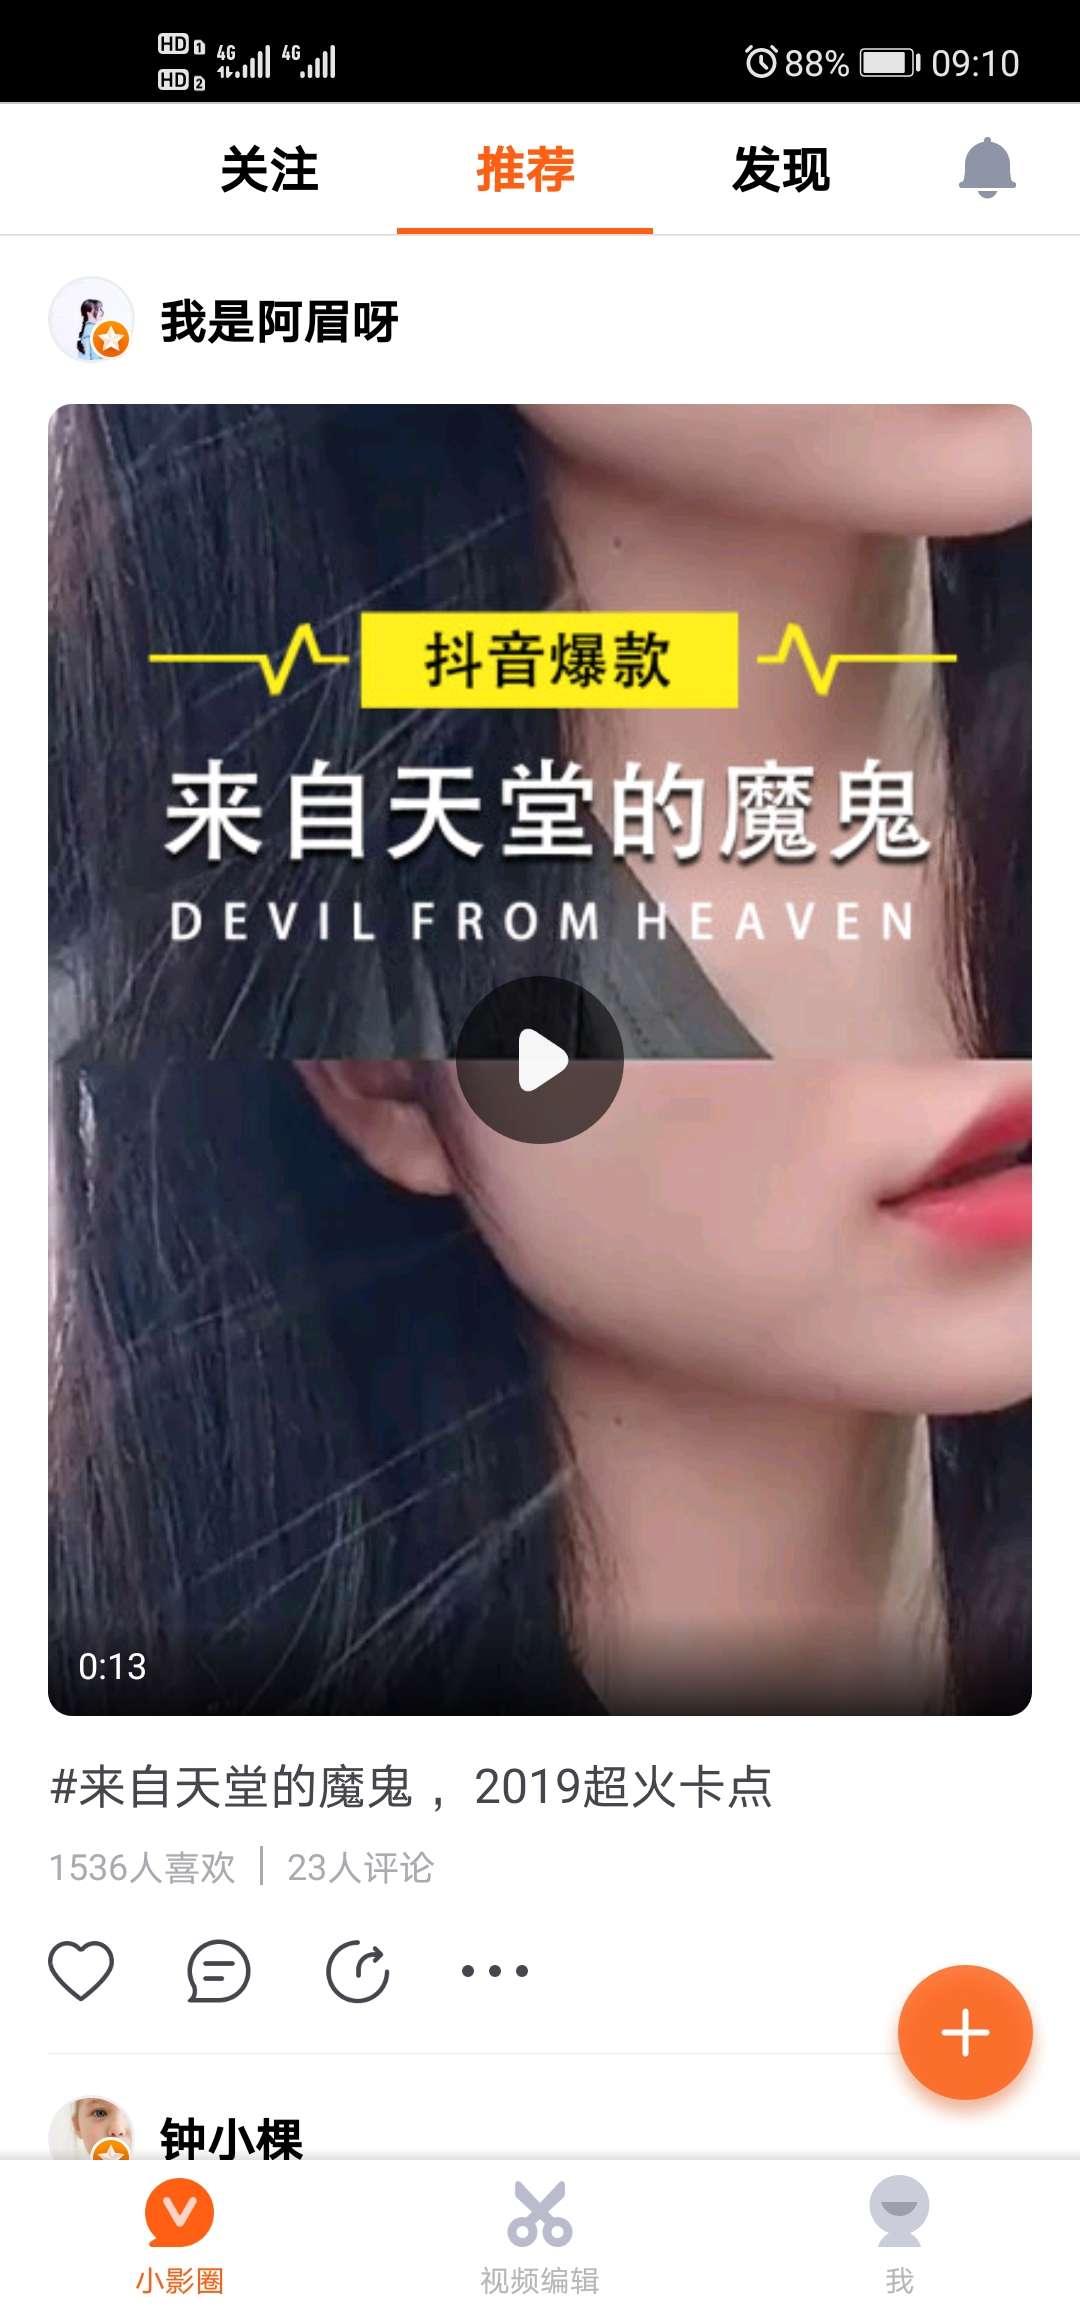 【搬砖分享】小影v7.17.2 微视频微电影拍摄美化